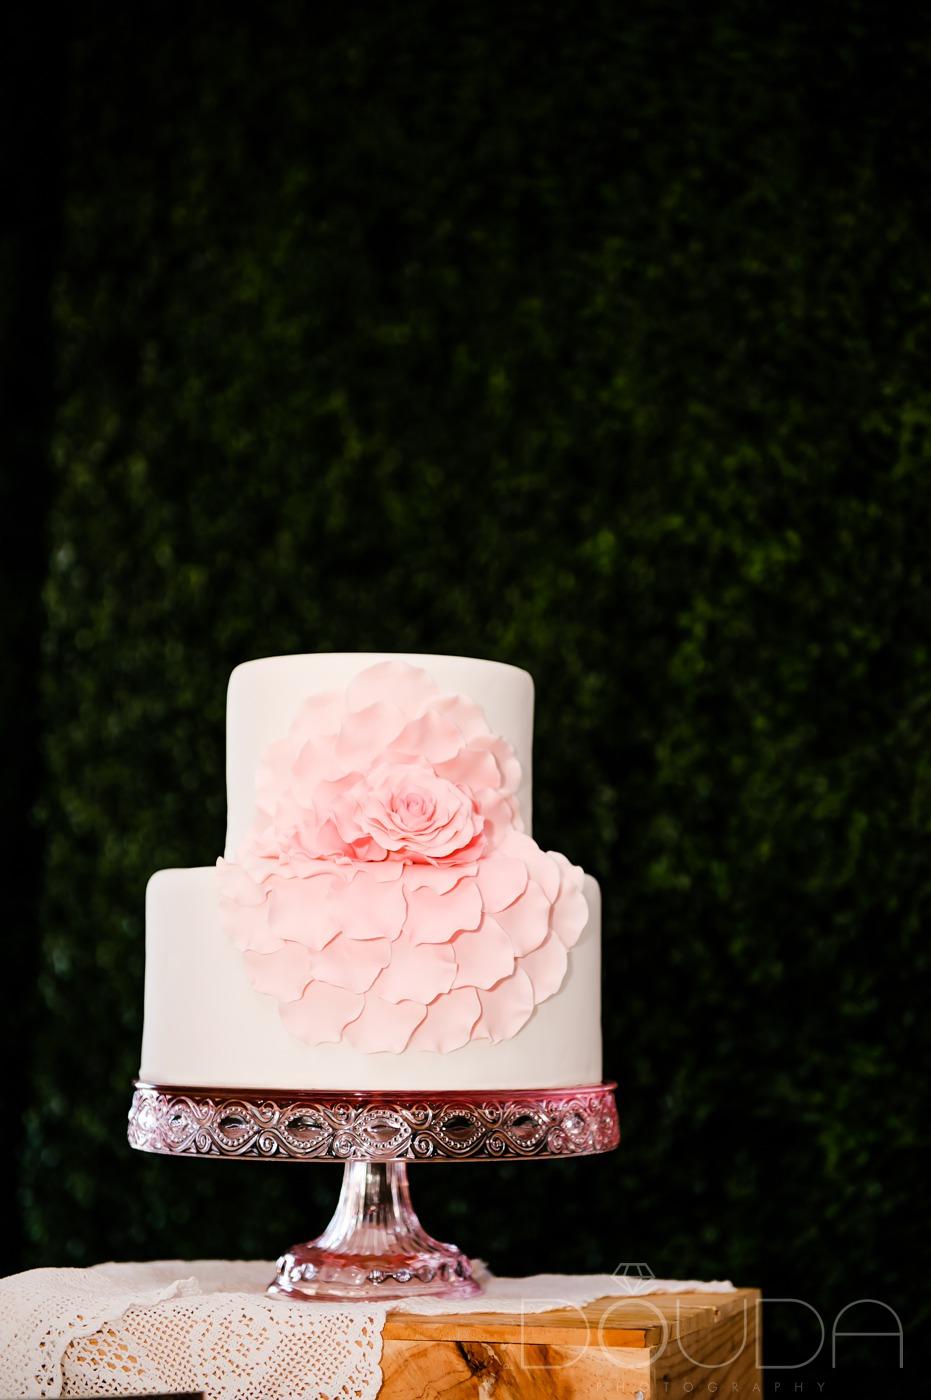 Wedding Party Bridal Show - 2.15.15 - 287_WEB.jpg